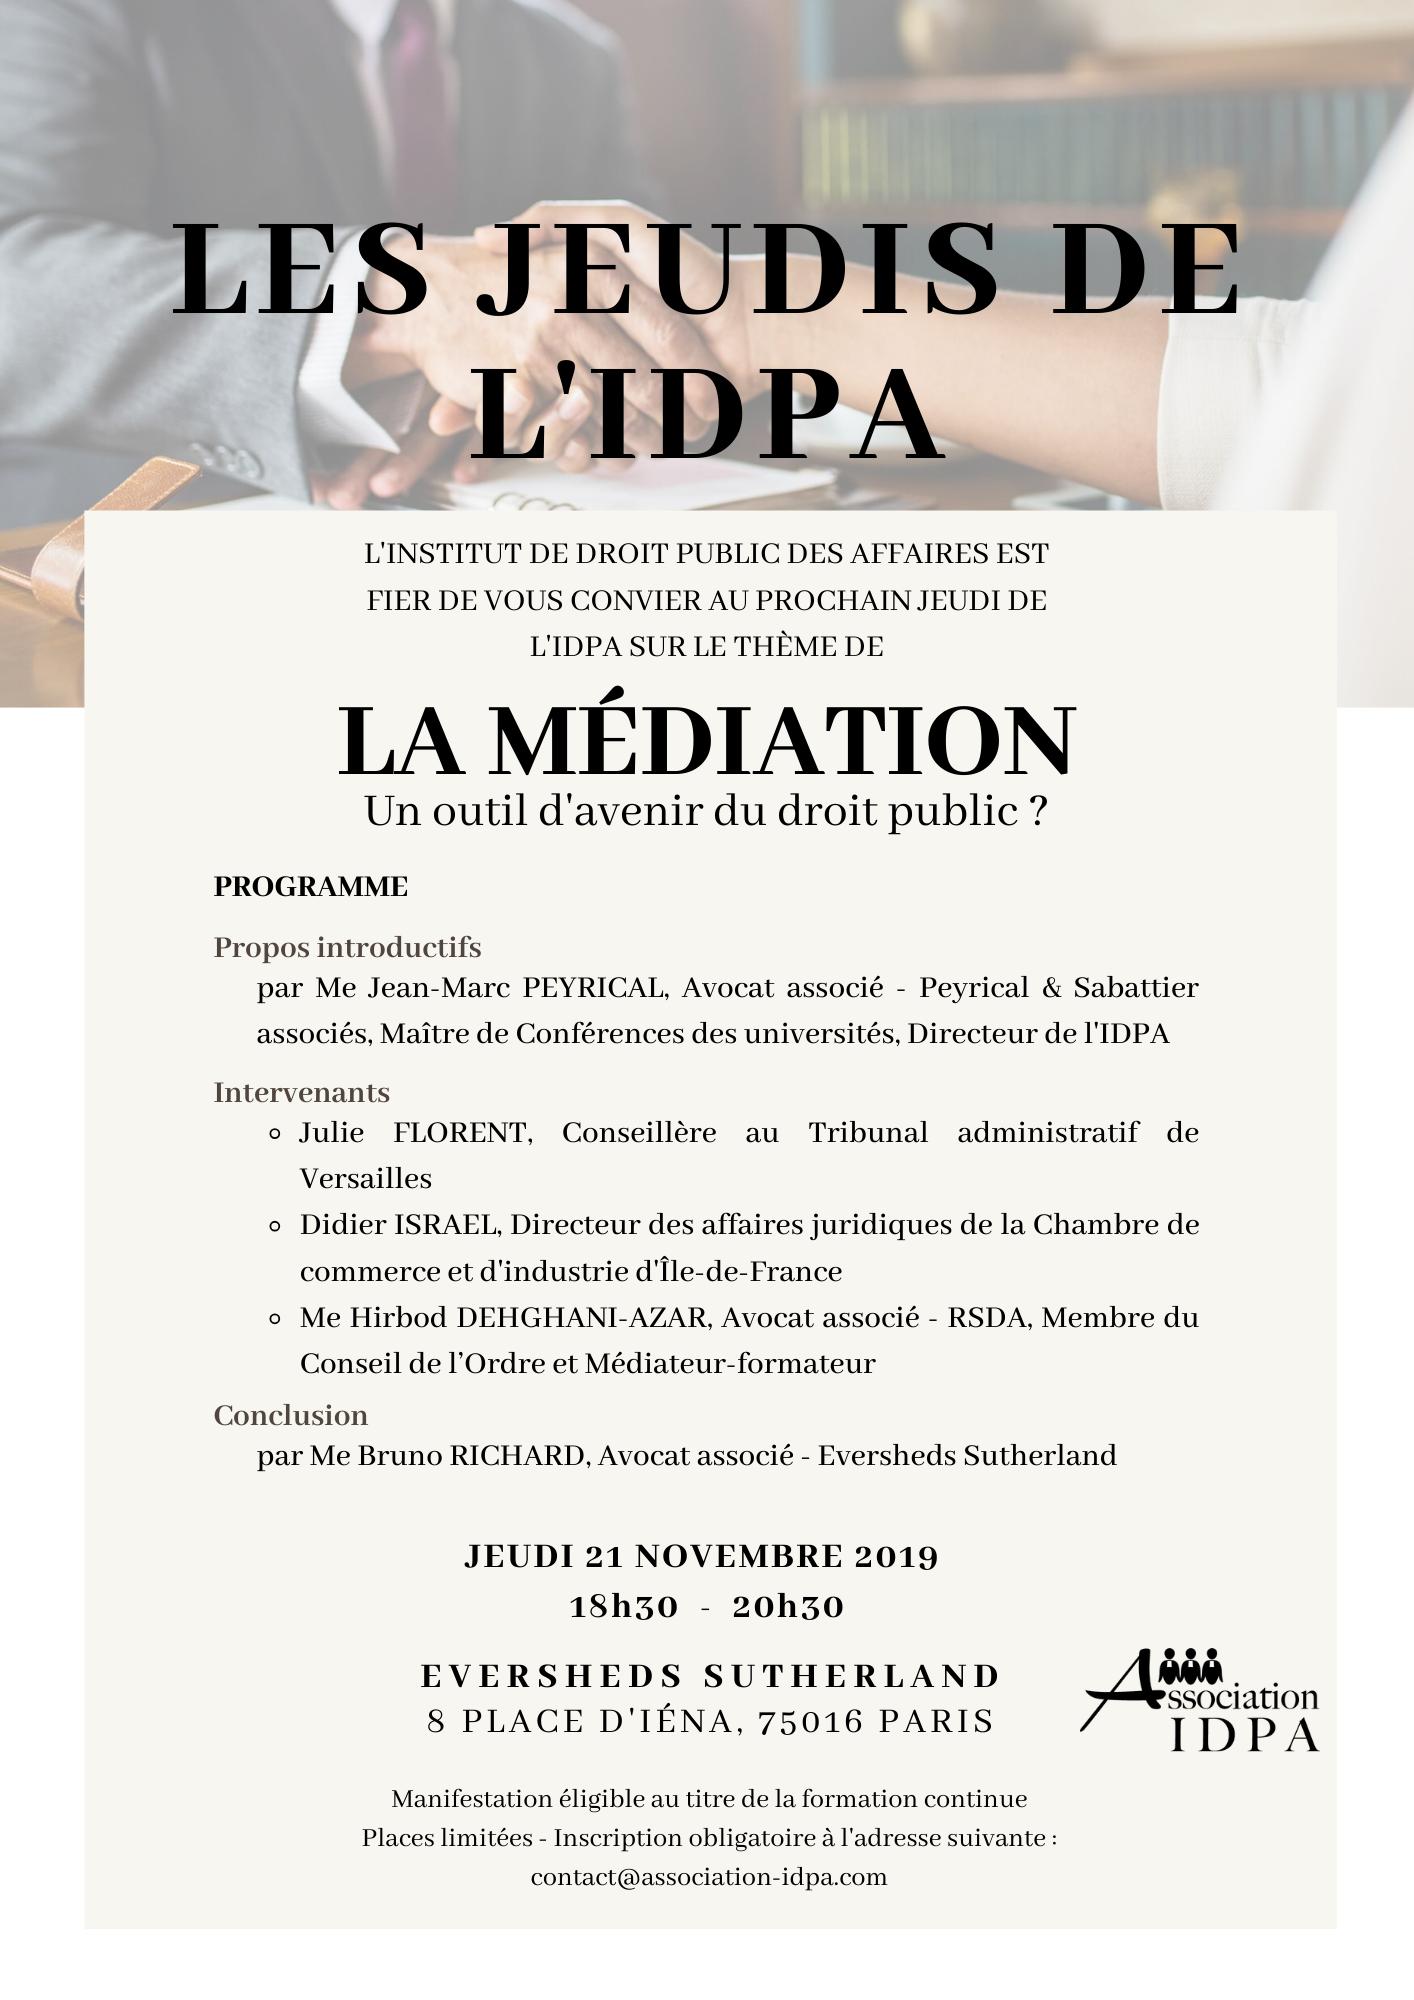 LES JEUDIS DE L'IDPA.png